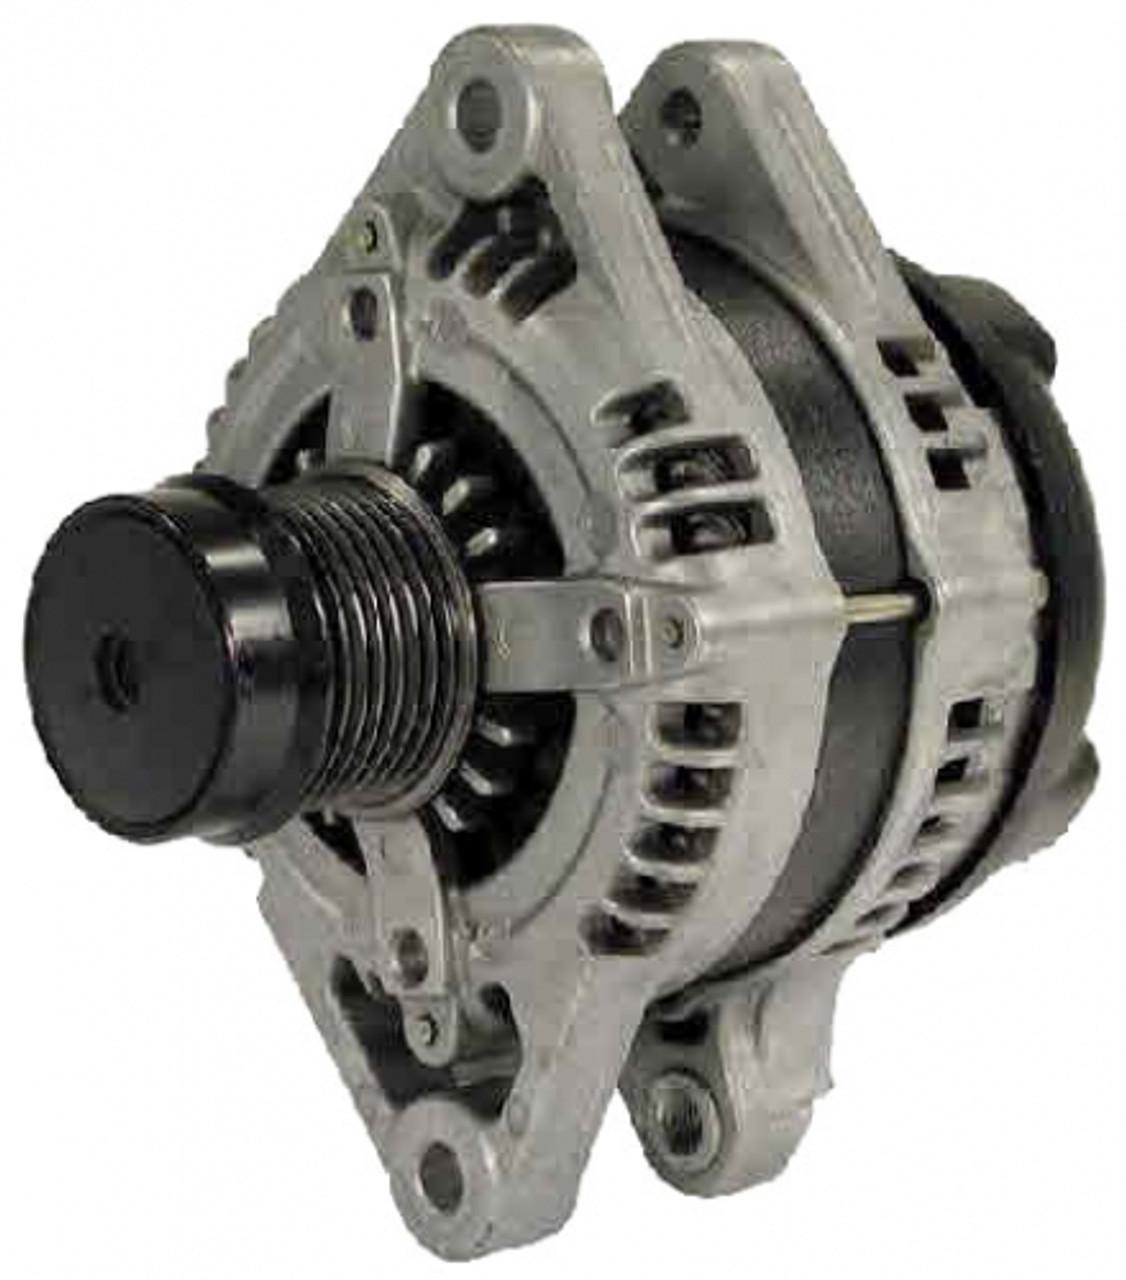 Alternator Fits Lexus GS300 3.0L, GS350 3.5L, IS250 2.5L